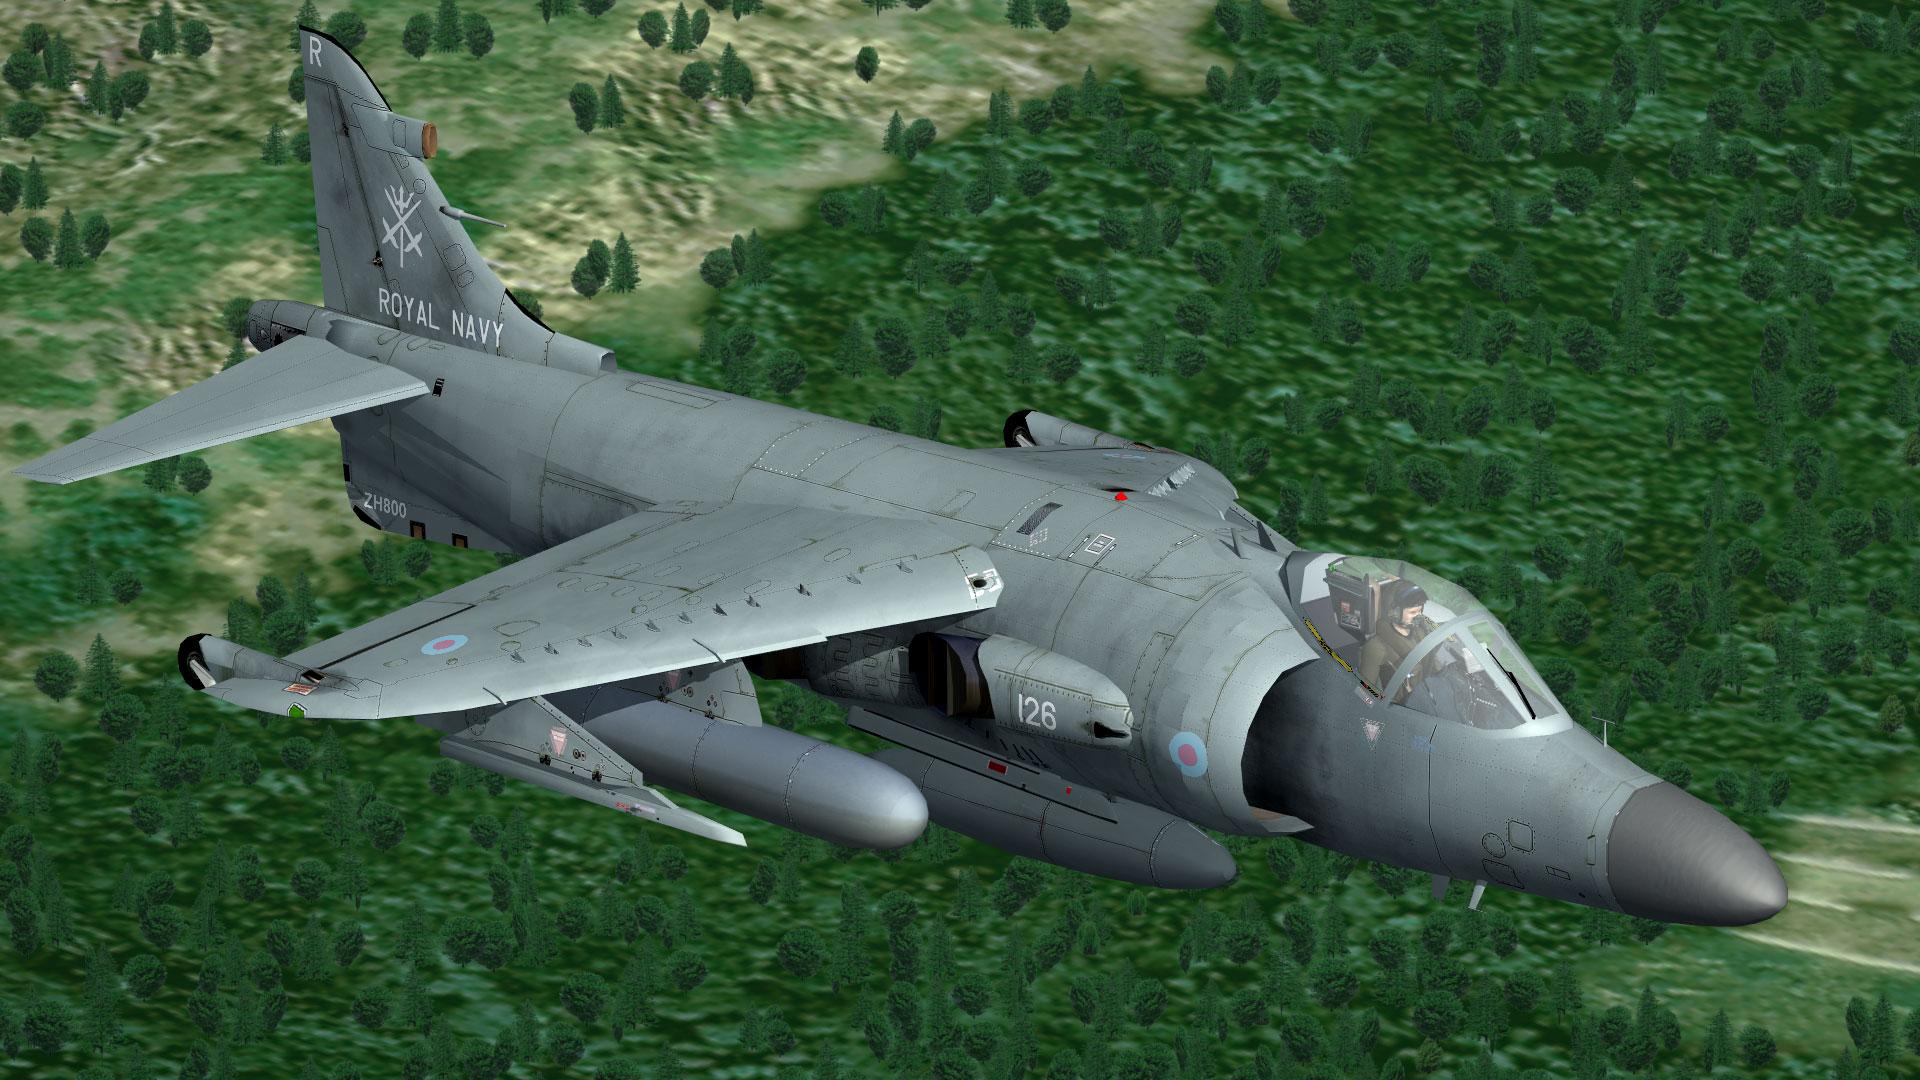 Sea Harrier FRS.2